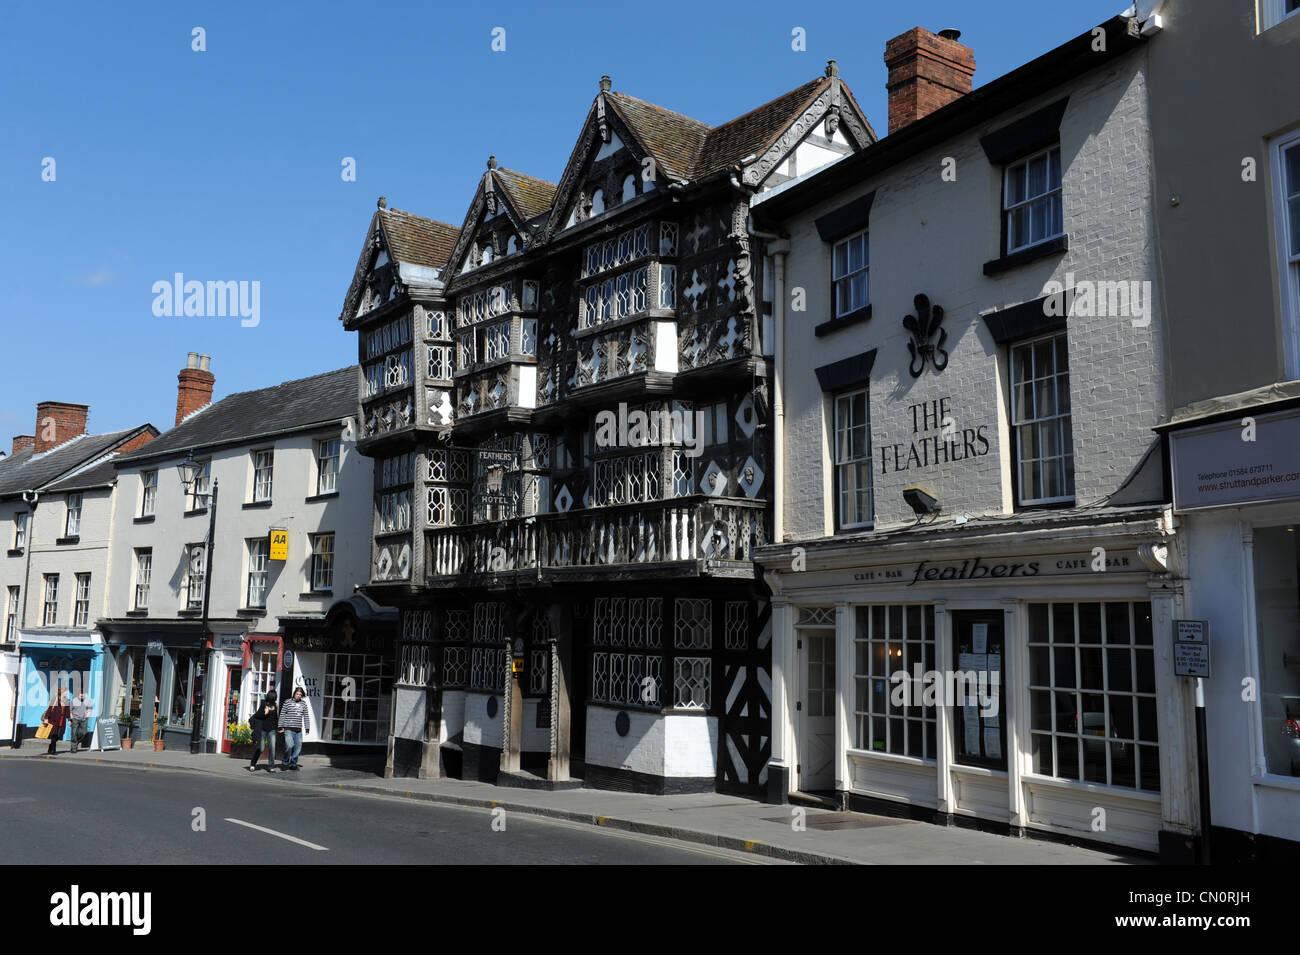 The Feathers Hotel Ludlow Shropshire Uk - Stock Image